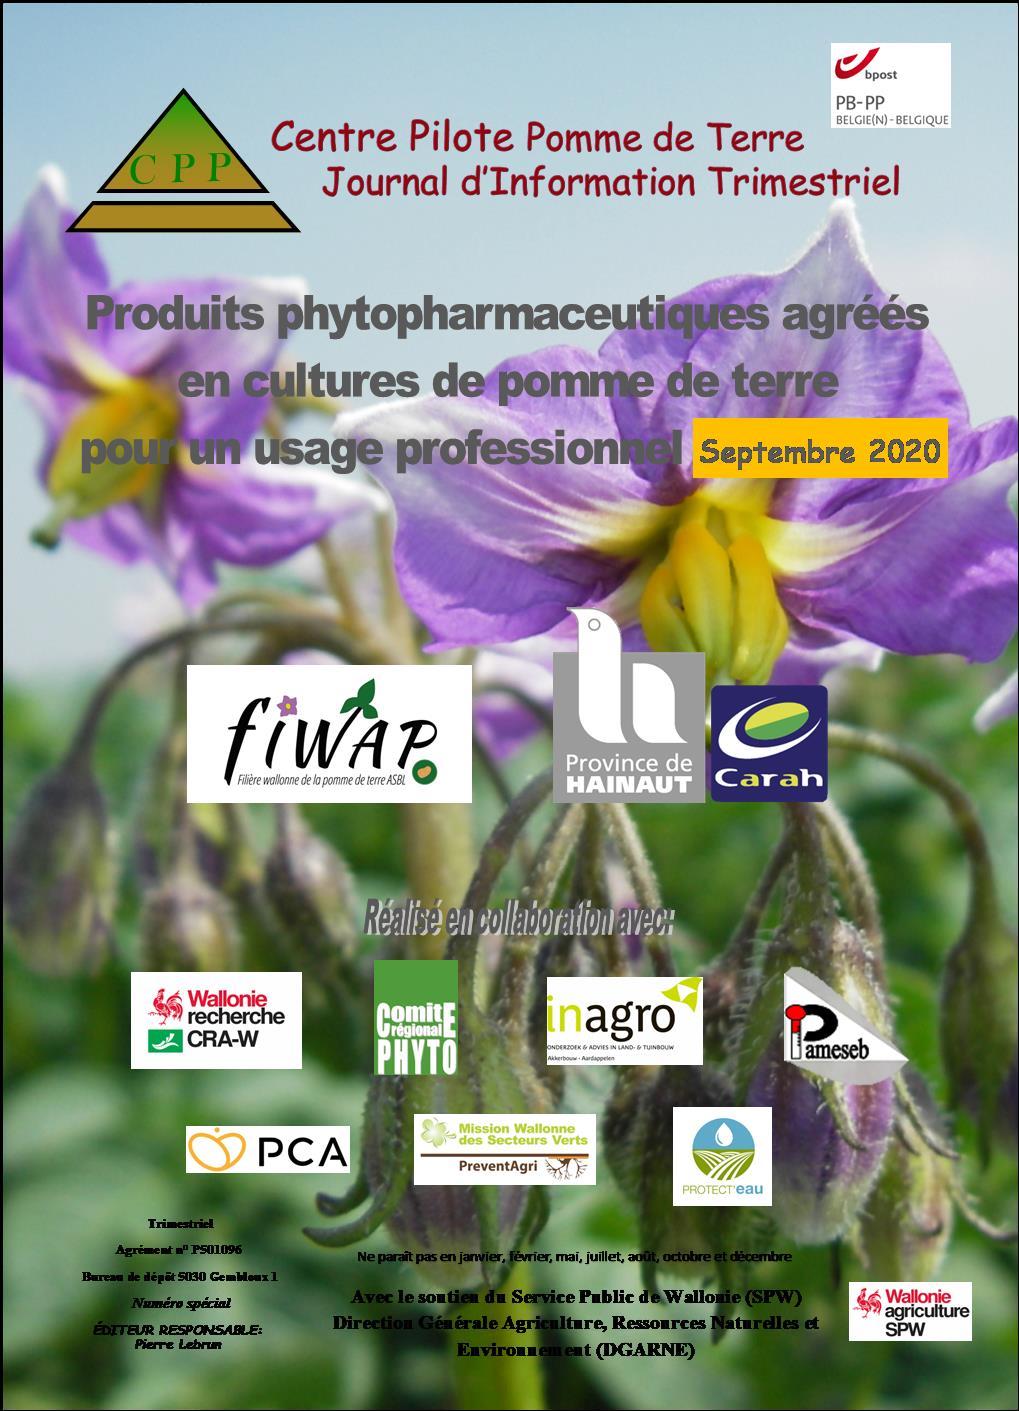 Liste Produits Phyto 2020 (mise à jour septembre 2020)